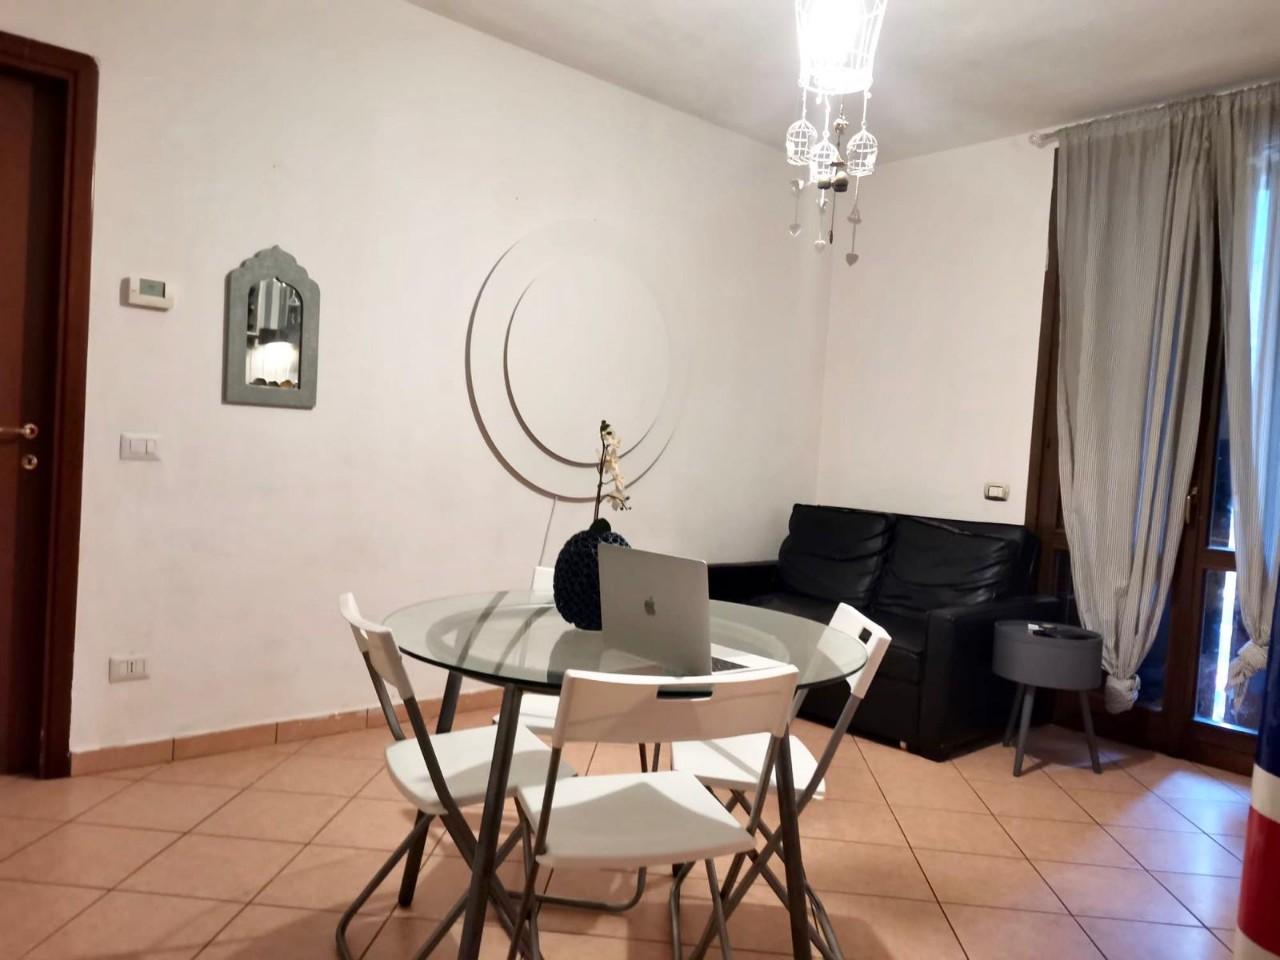 Appartamento in vendita Reggio Emilia Zona Massenzatico